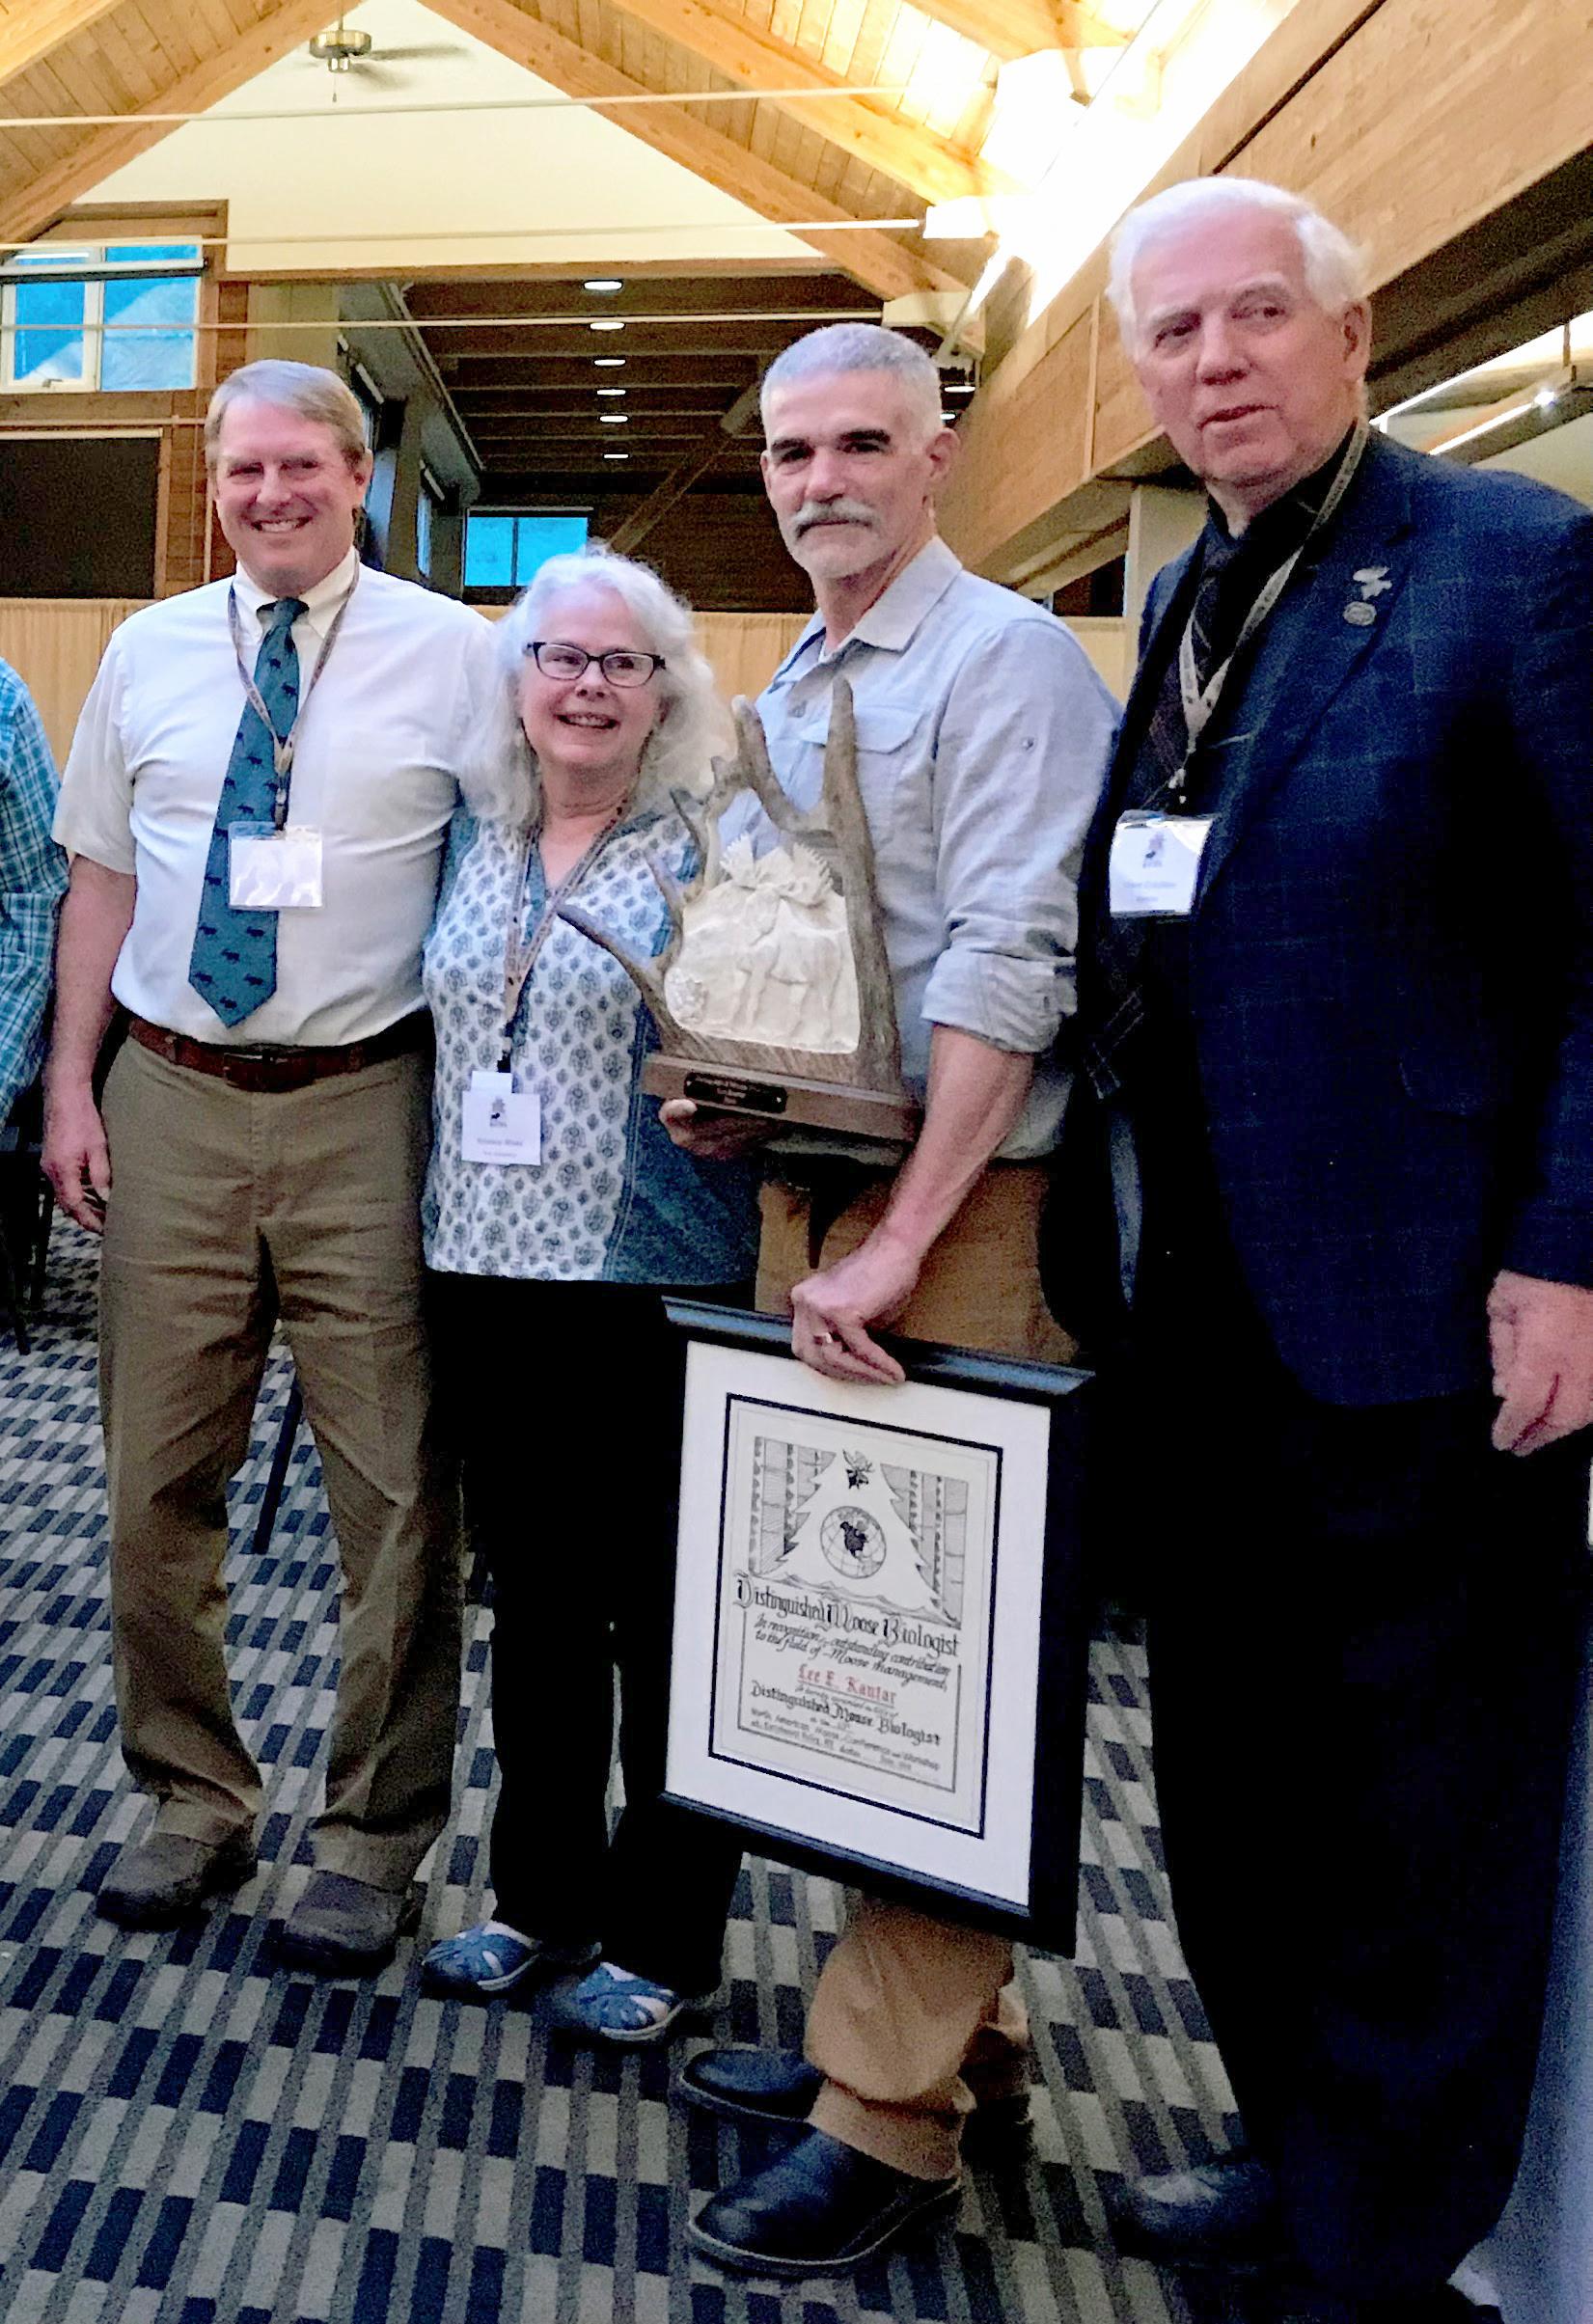 UNH alum Lee Kantar receives award